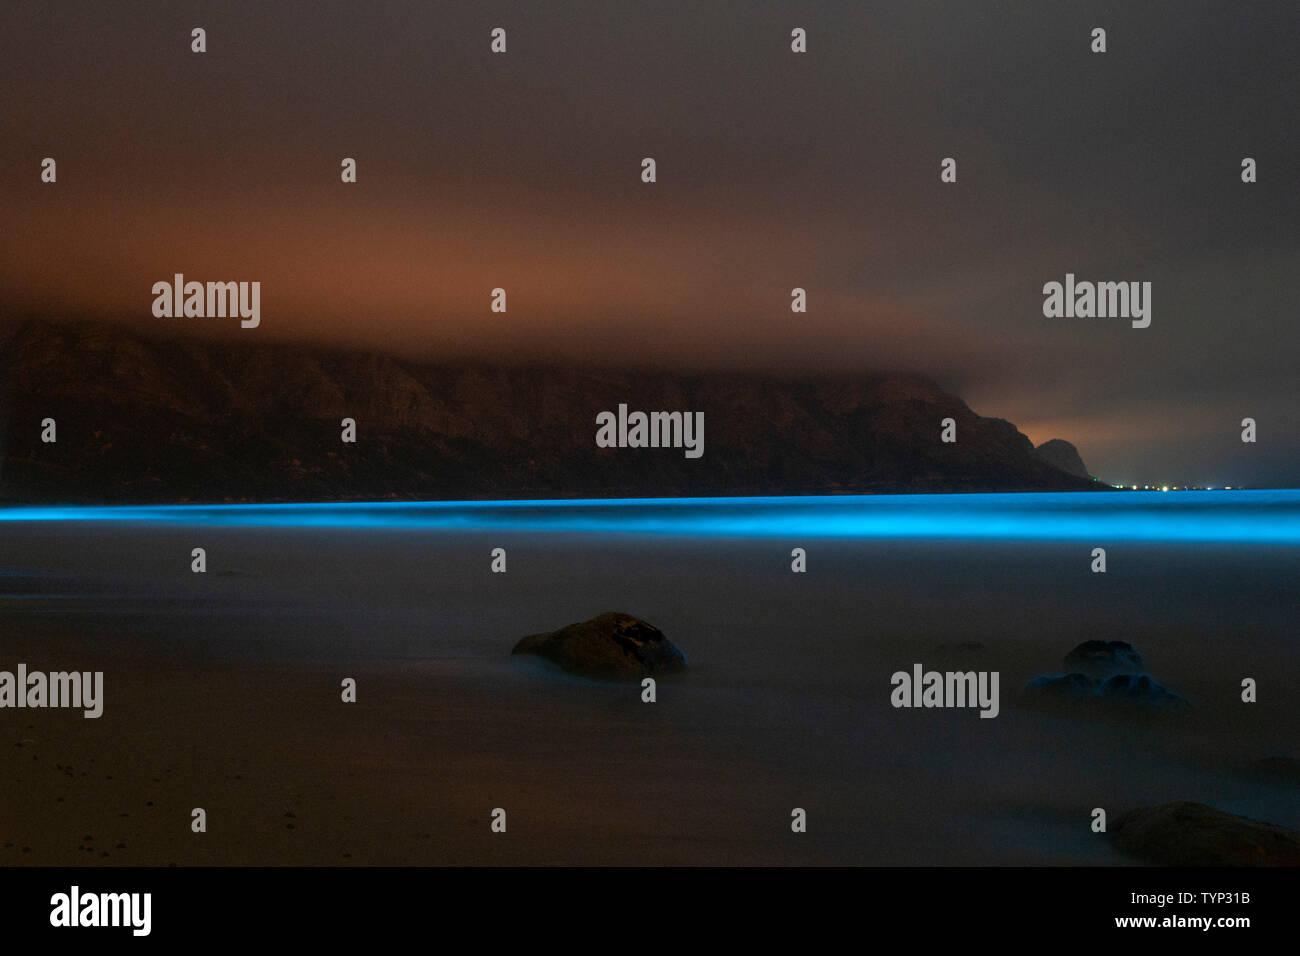 Le phytoplancton bioluminescente illuminant le océan le long de la côte, à la réserve de biosphère de Kogelberg près de Cape Town, Afrique du Sud. Banque D'Images